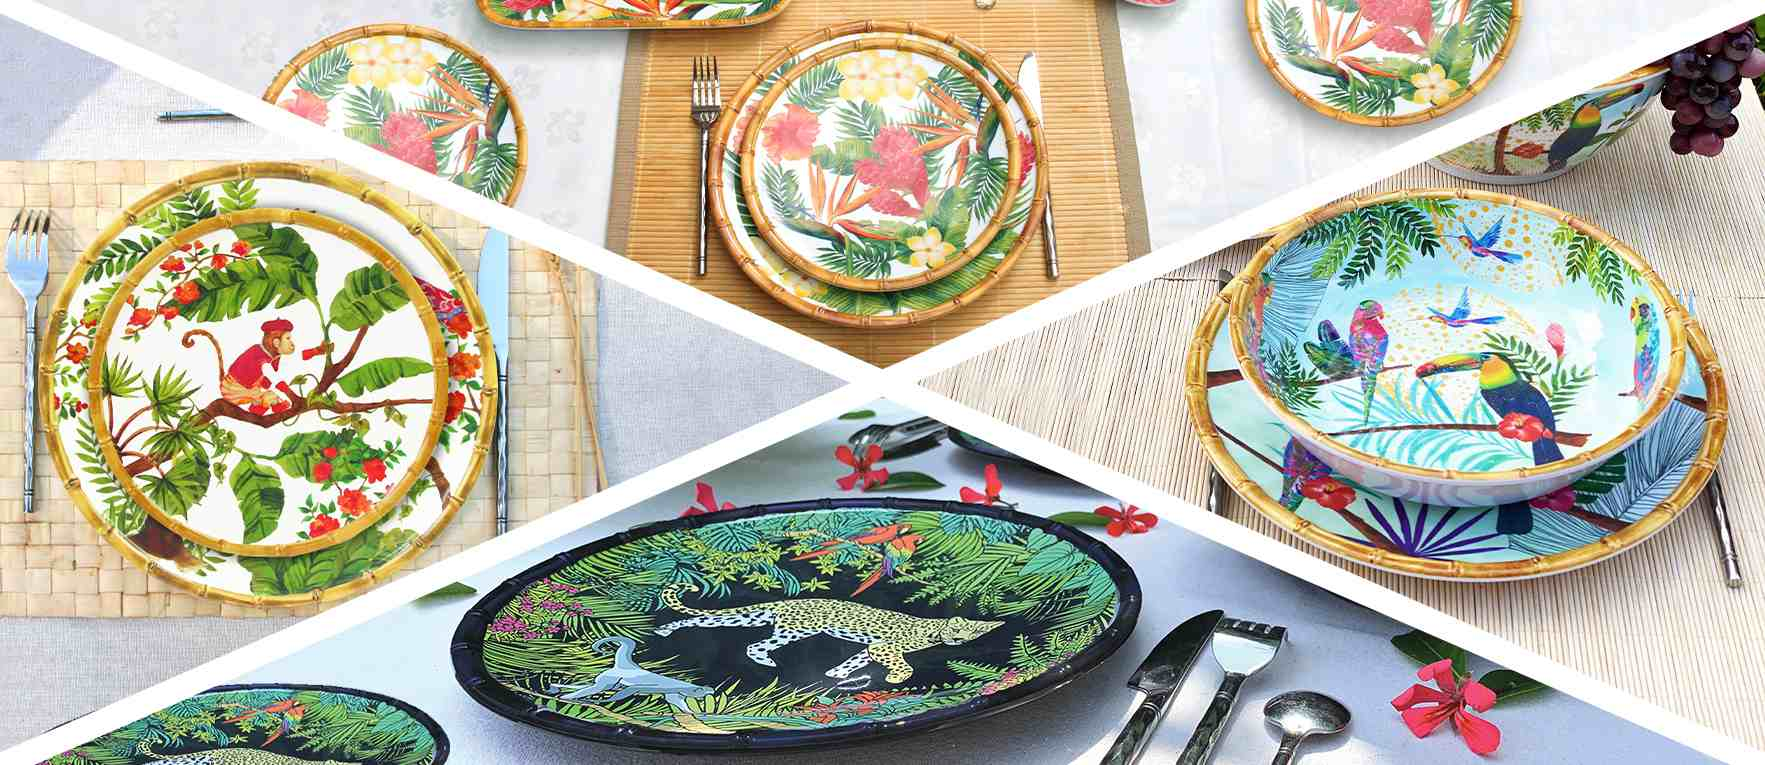 Large Dinner Plate in melamine 27 cm